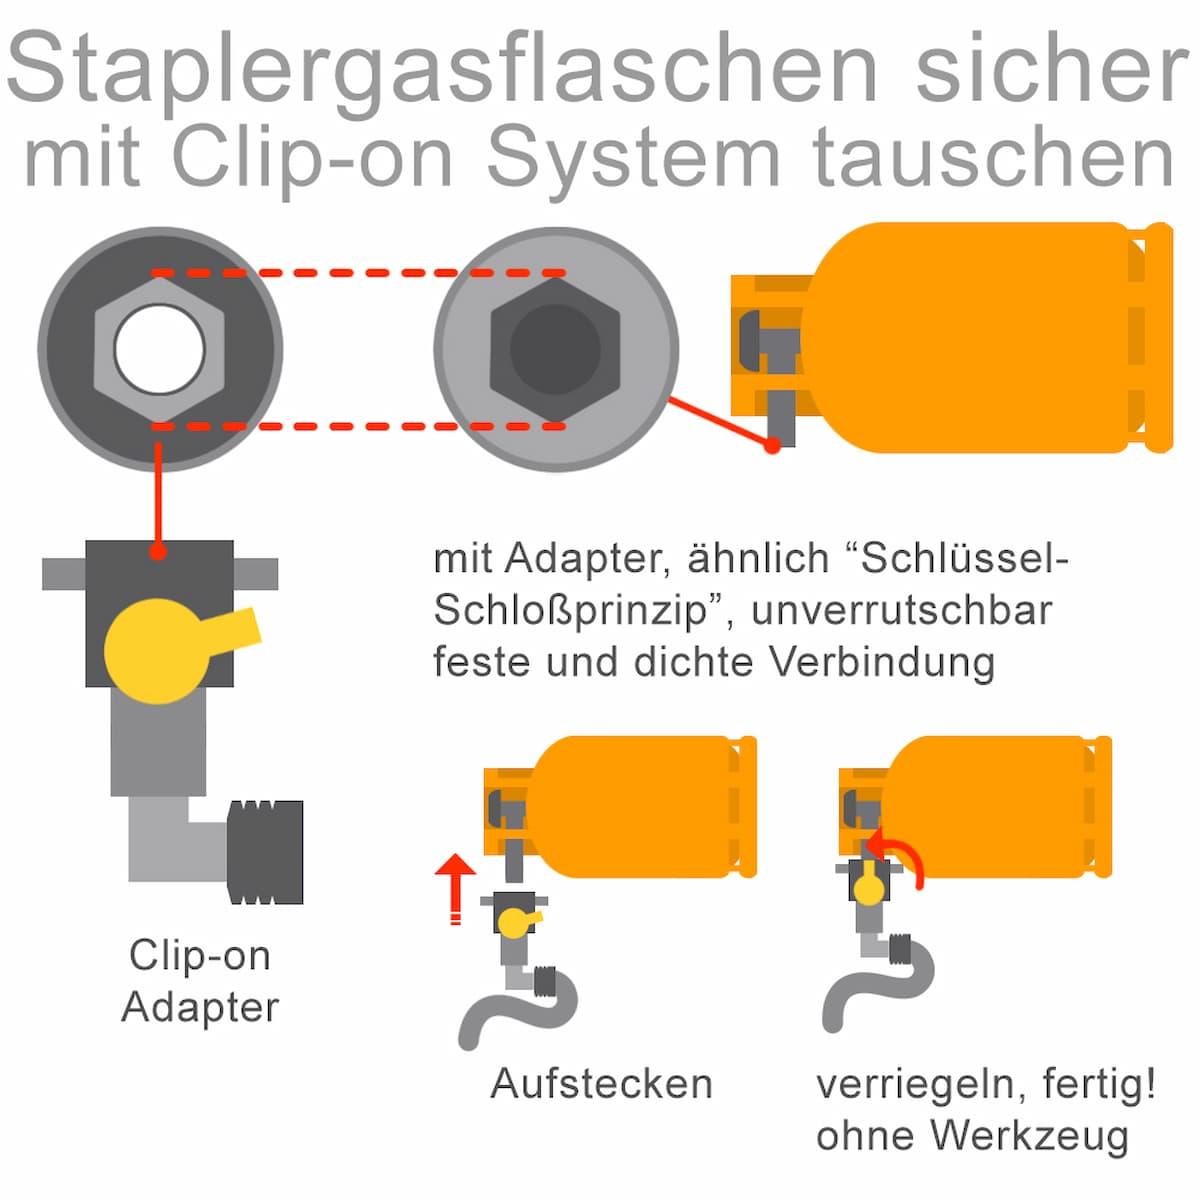 Staplergasflaschen sicher mit Clip-on-System tauschen